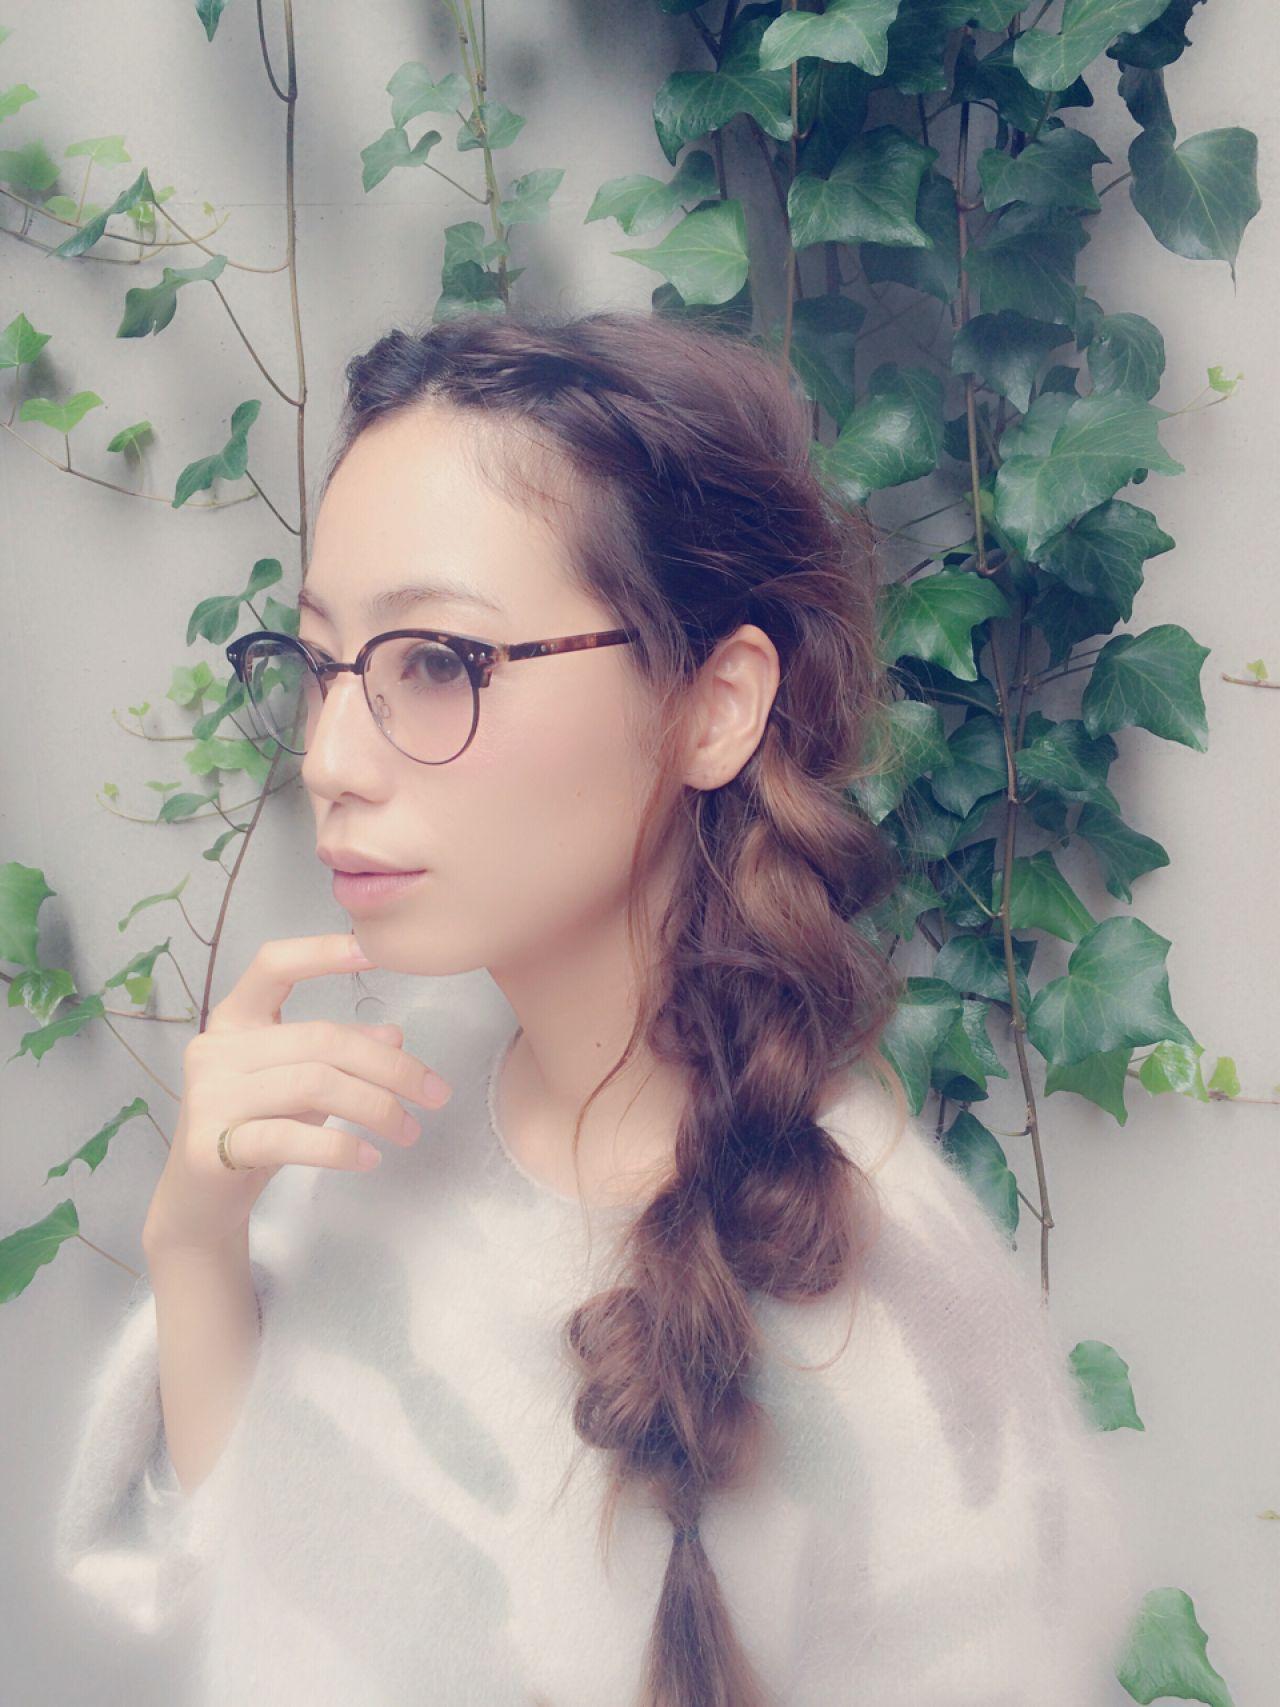 ゆるふわ ナチュラル セミロング ねじり ヘアスタイルや髪型の写真・画像 | 伊藤沙織 /